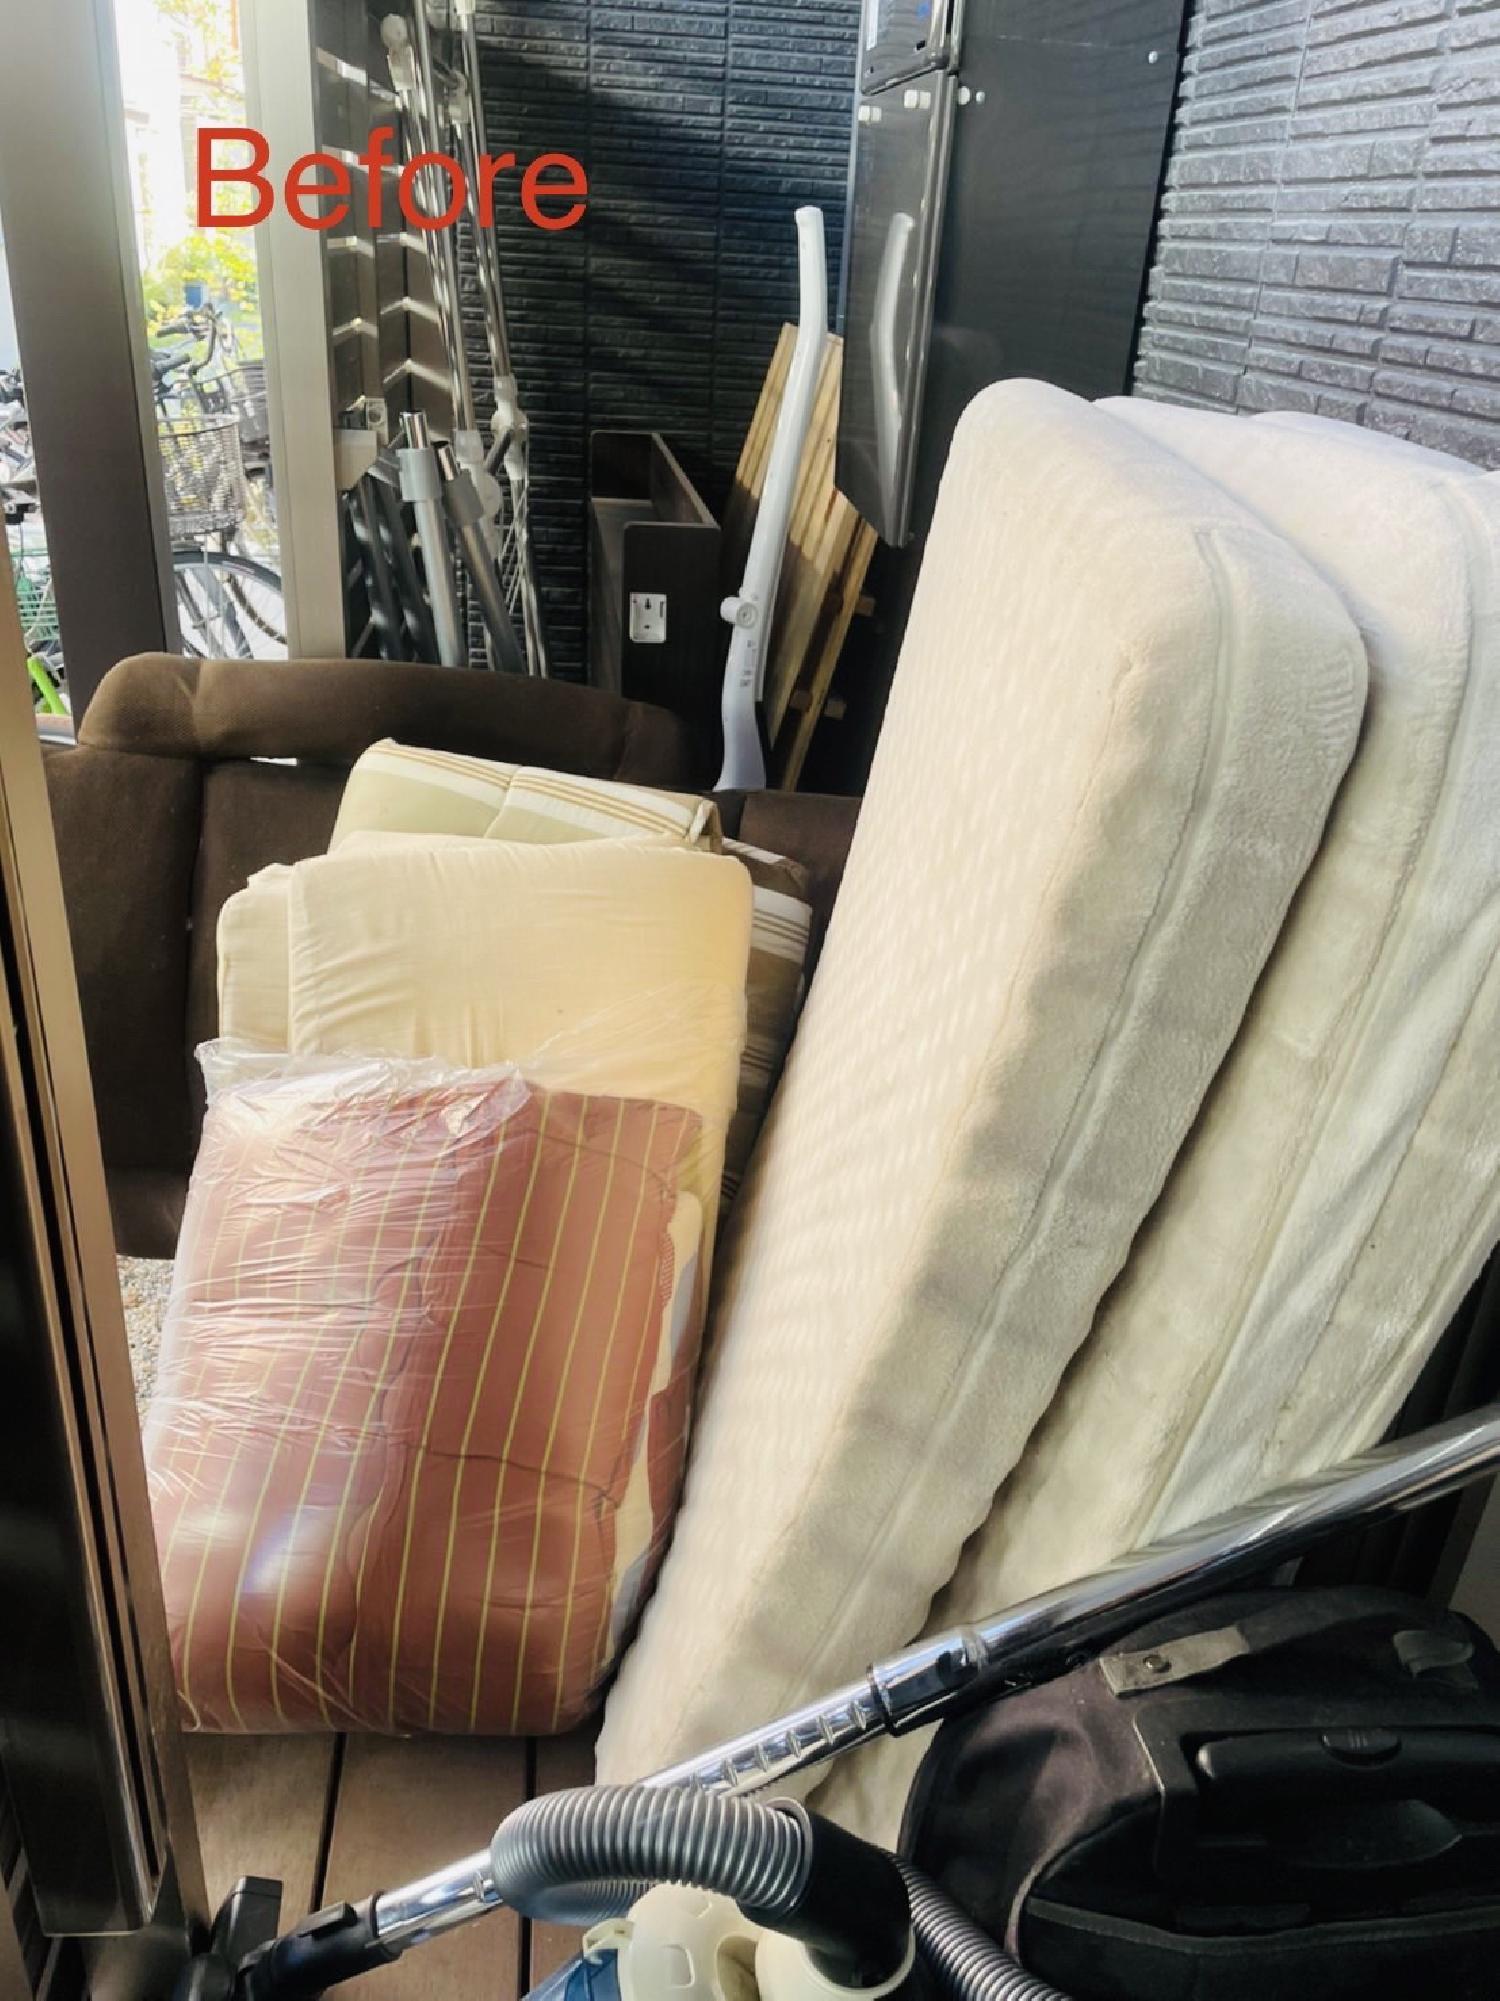 2021/09/18 19:00:00 京都市左京区下鴨のお客様より不用品回収のご依頼